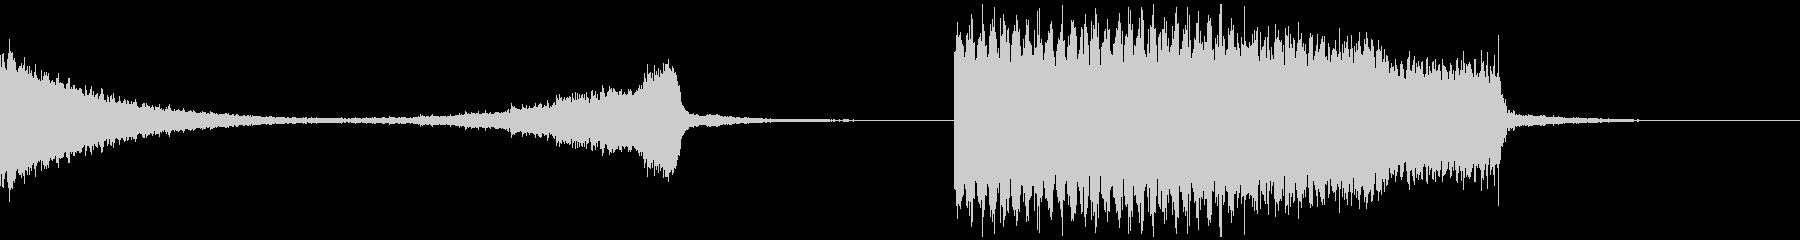 パチスロ大当たりの電子音ファンファーレの未再生の波形